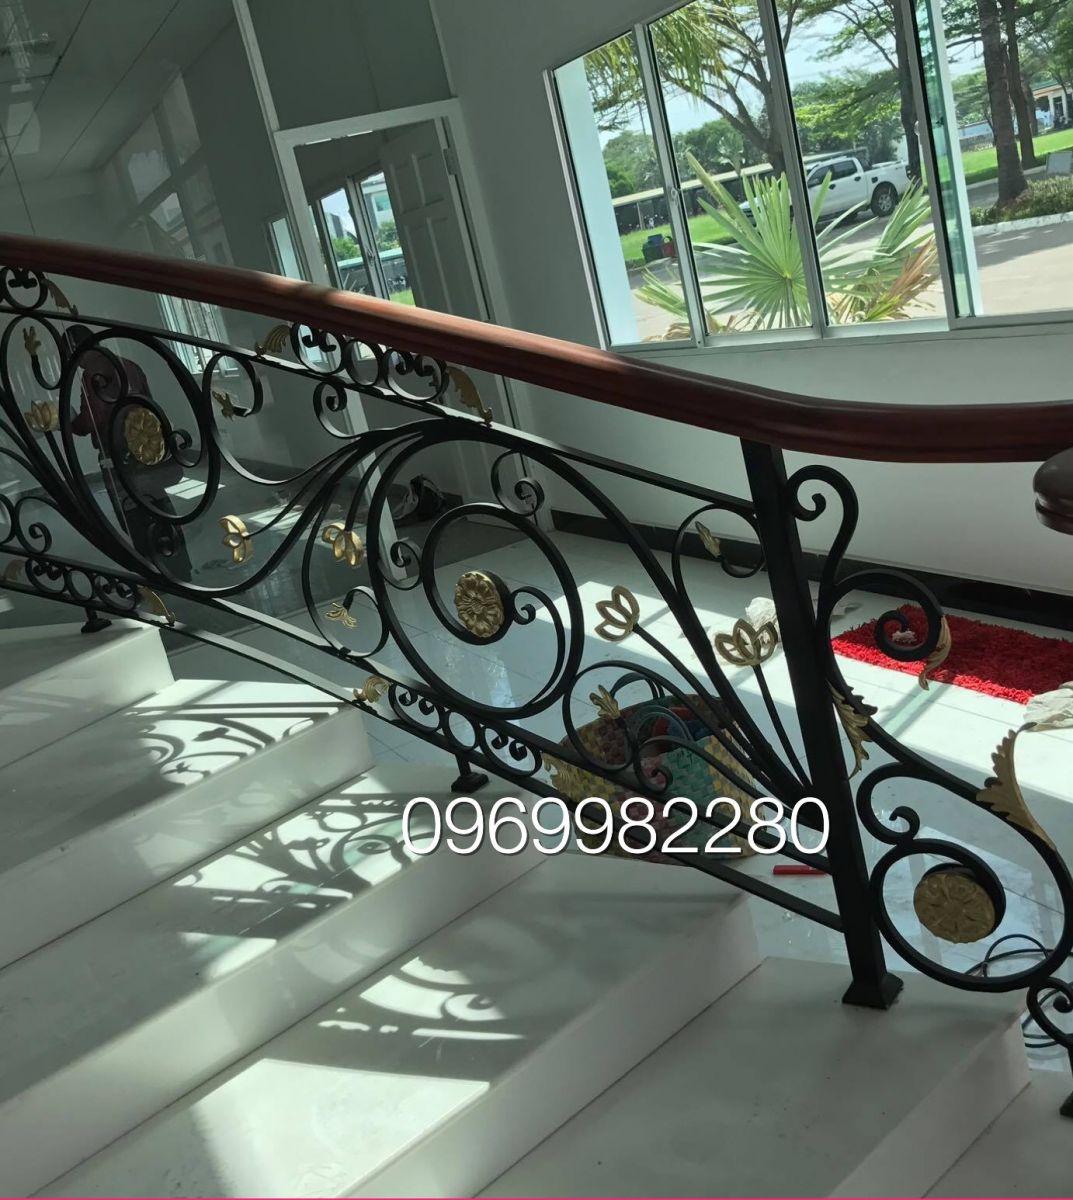 100 mẫu cầu thang sắt nghệ thuật đẹp tuyệt vời cho nhà phố biệt thự mà bạn không thể bỏ qua